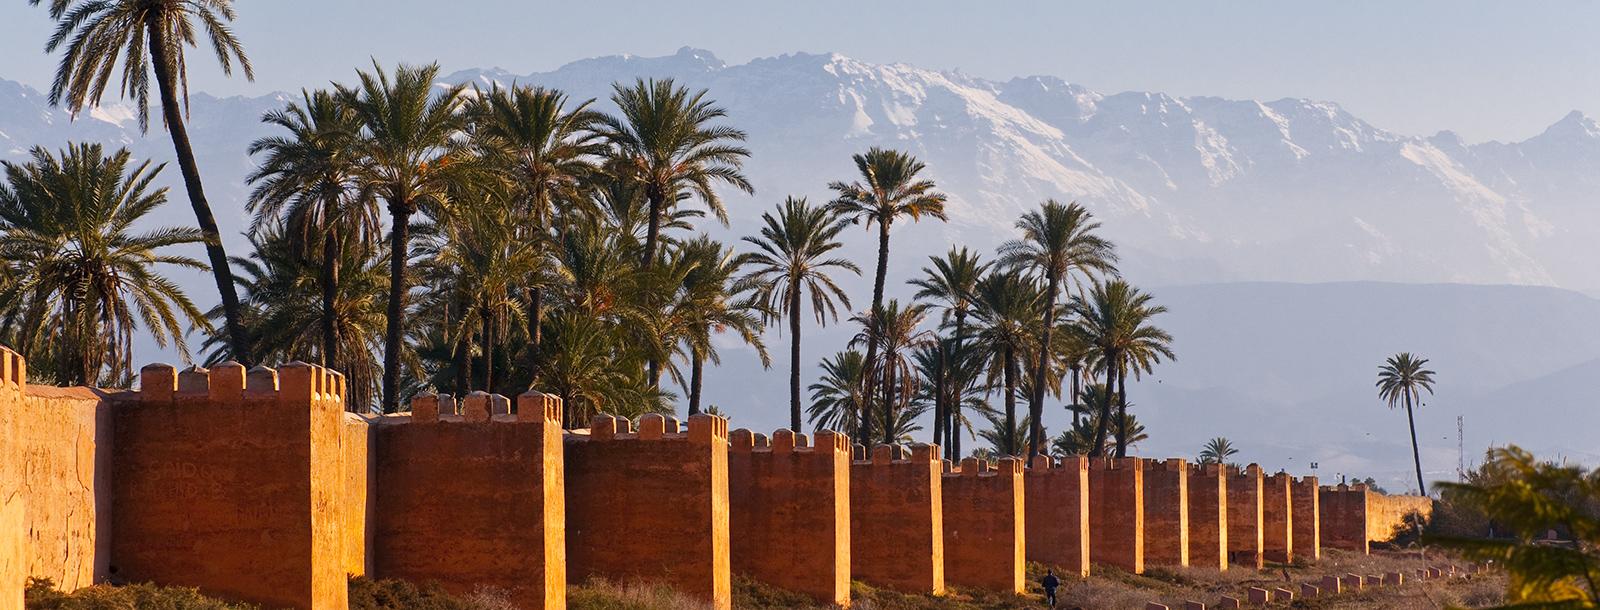 Marrakech-monuments -murailles